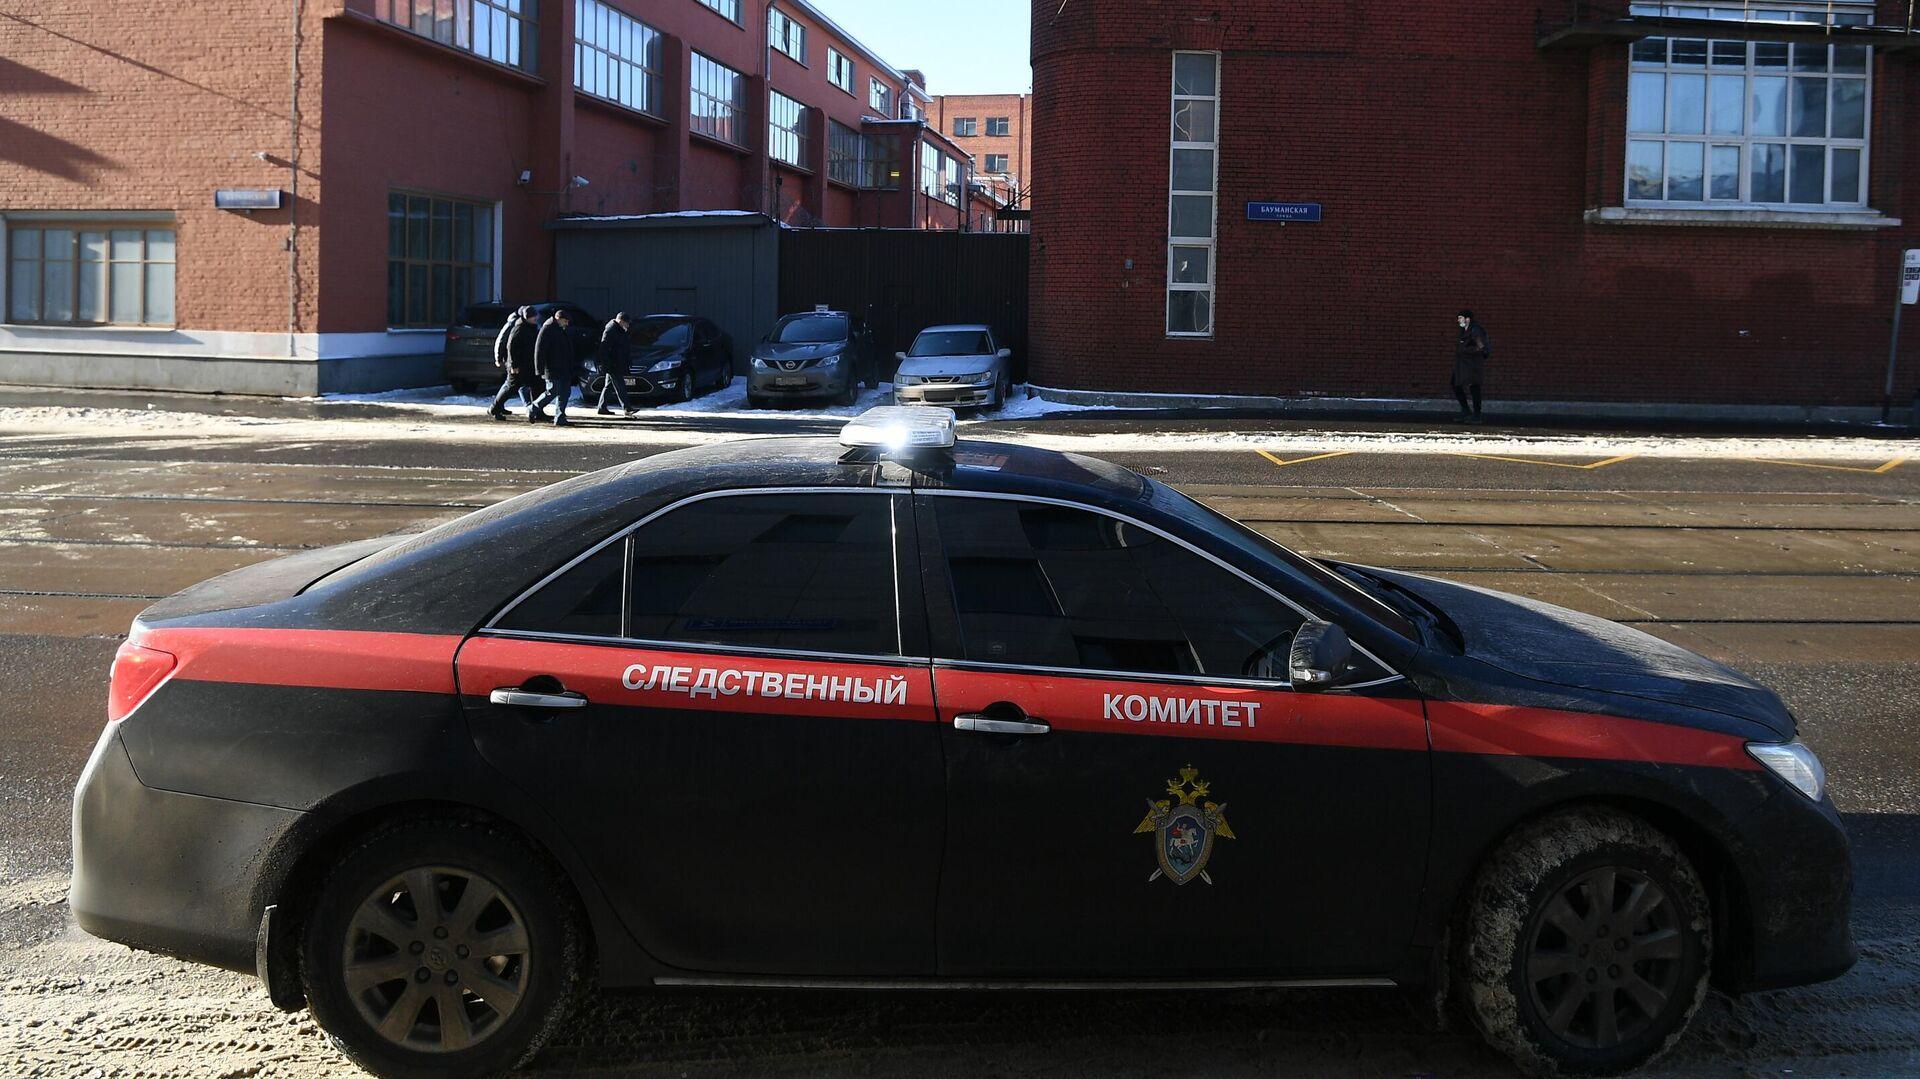 В Волгодонске проверяют данные о смерти ребенка из-за отравления в кафе